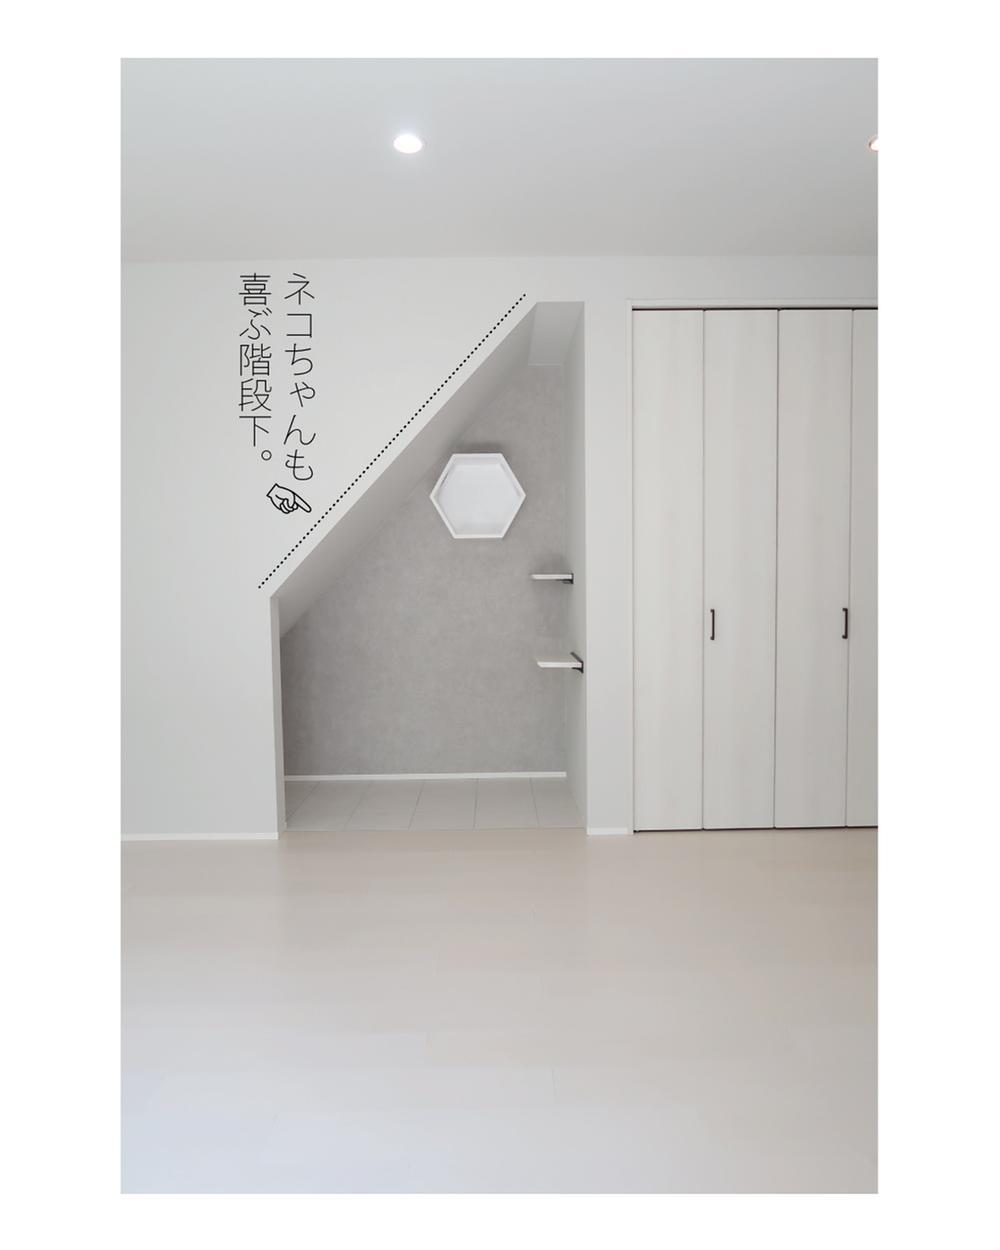 【弊社施工例】階段下を上手に活用してネコちゃんの遊び場が出来ました。